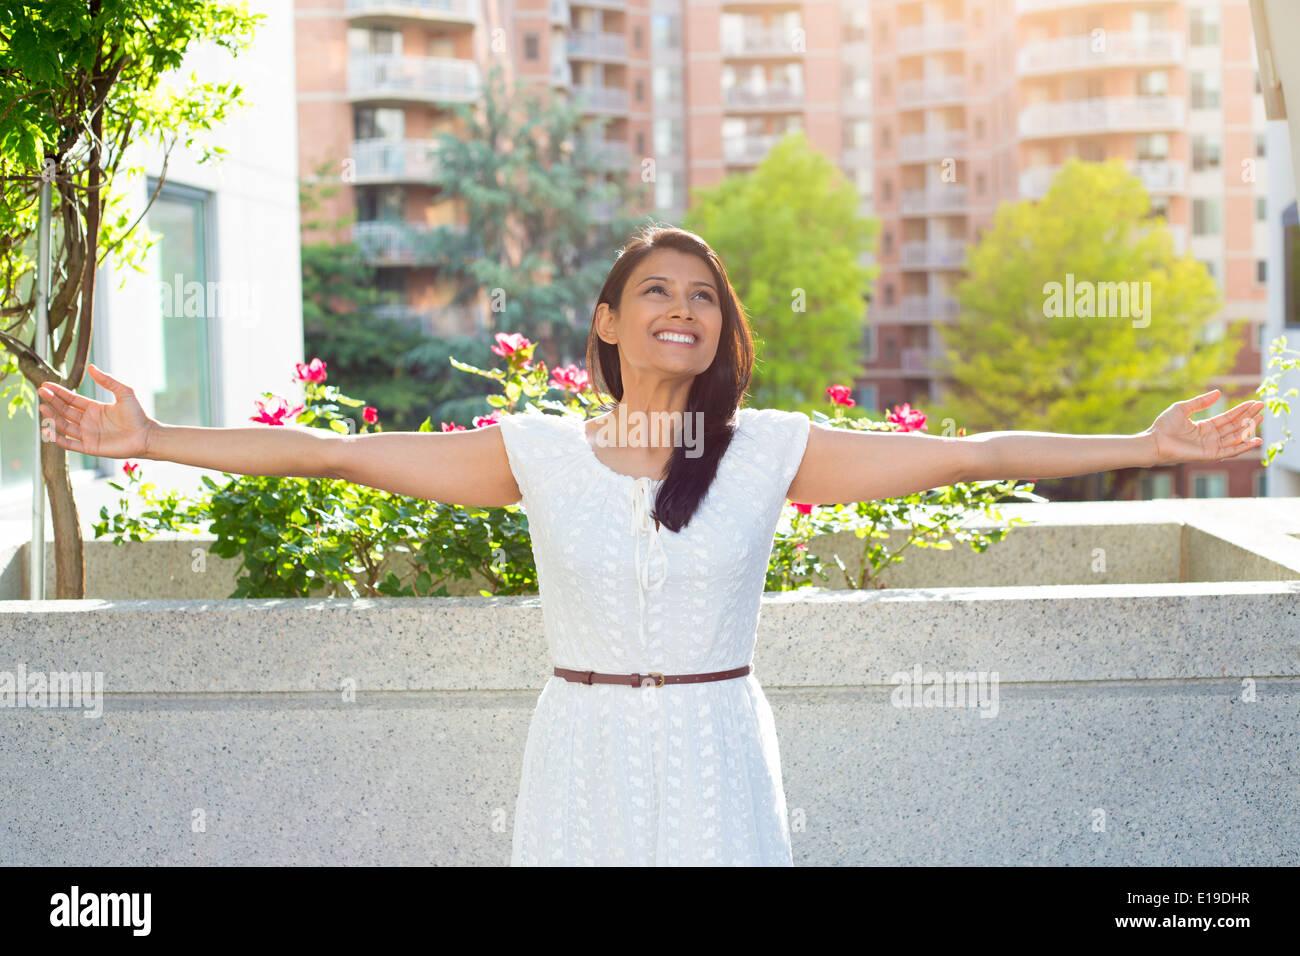 Enjoying life - Stock Image